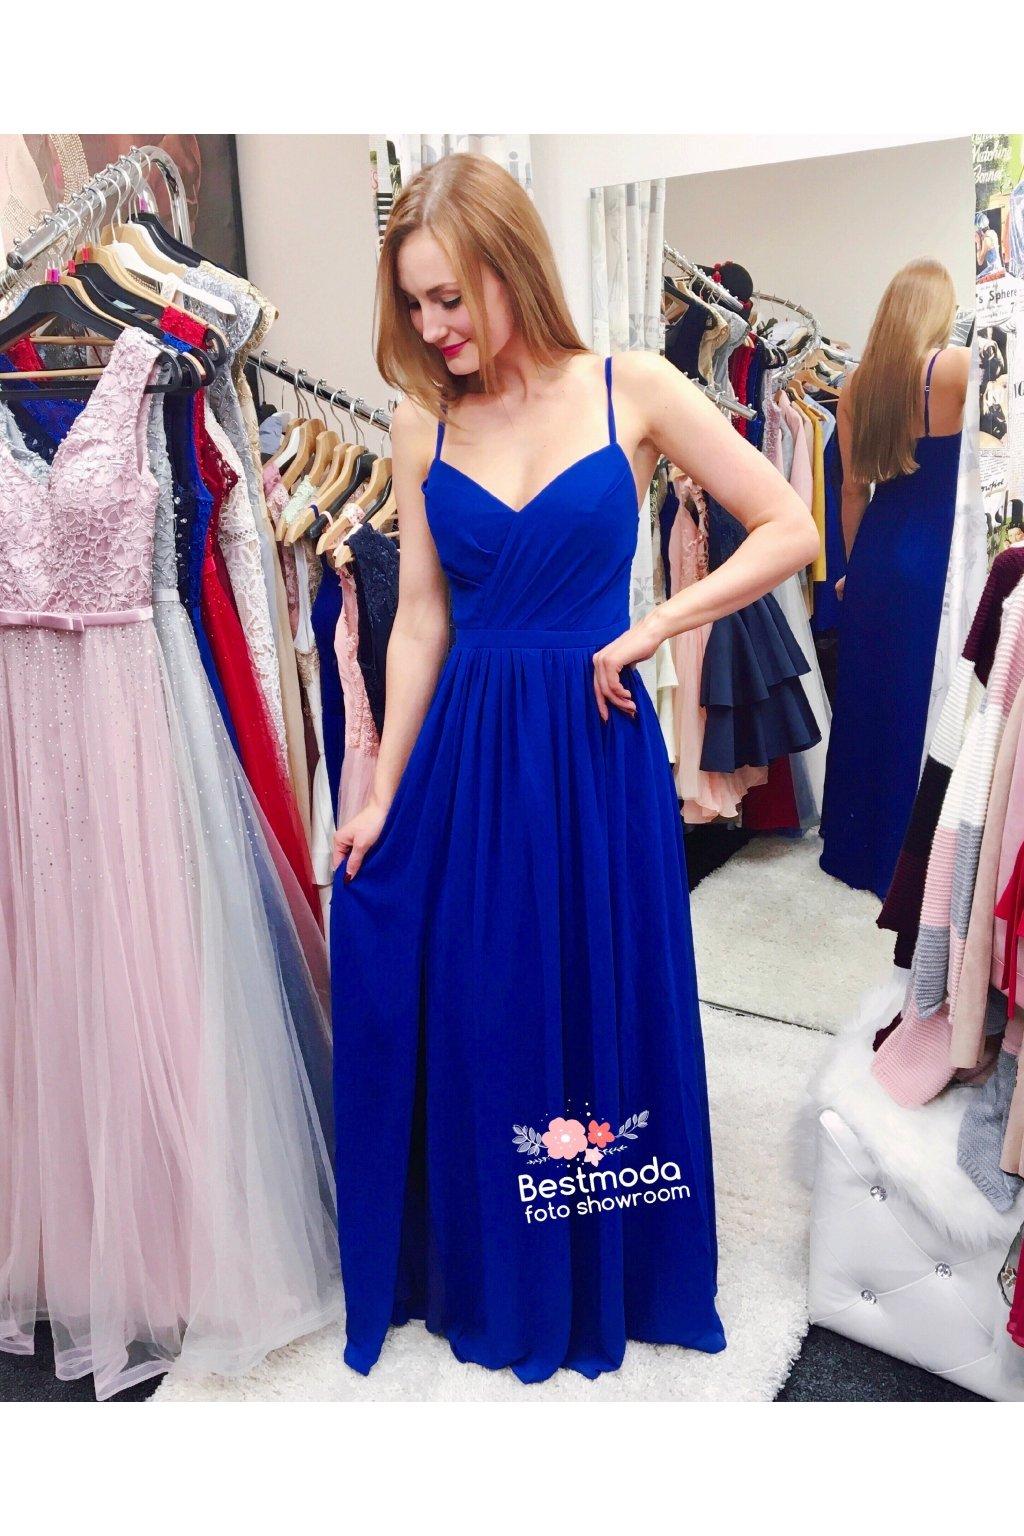 Královsky modré společenské šaty Eva Lola s rozparkem - Bestmoda 7fe5cccb031